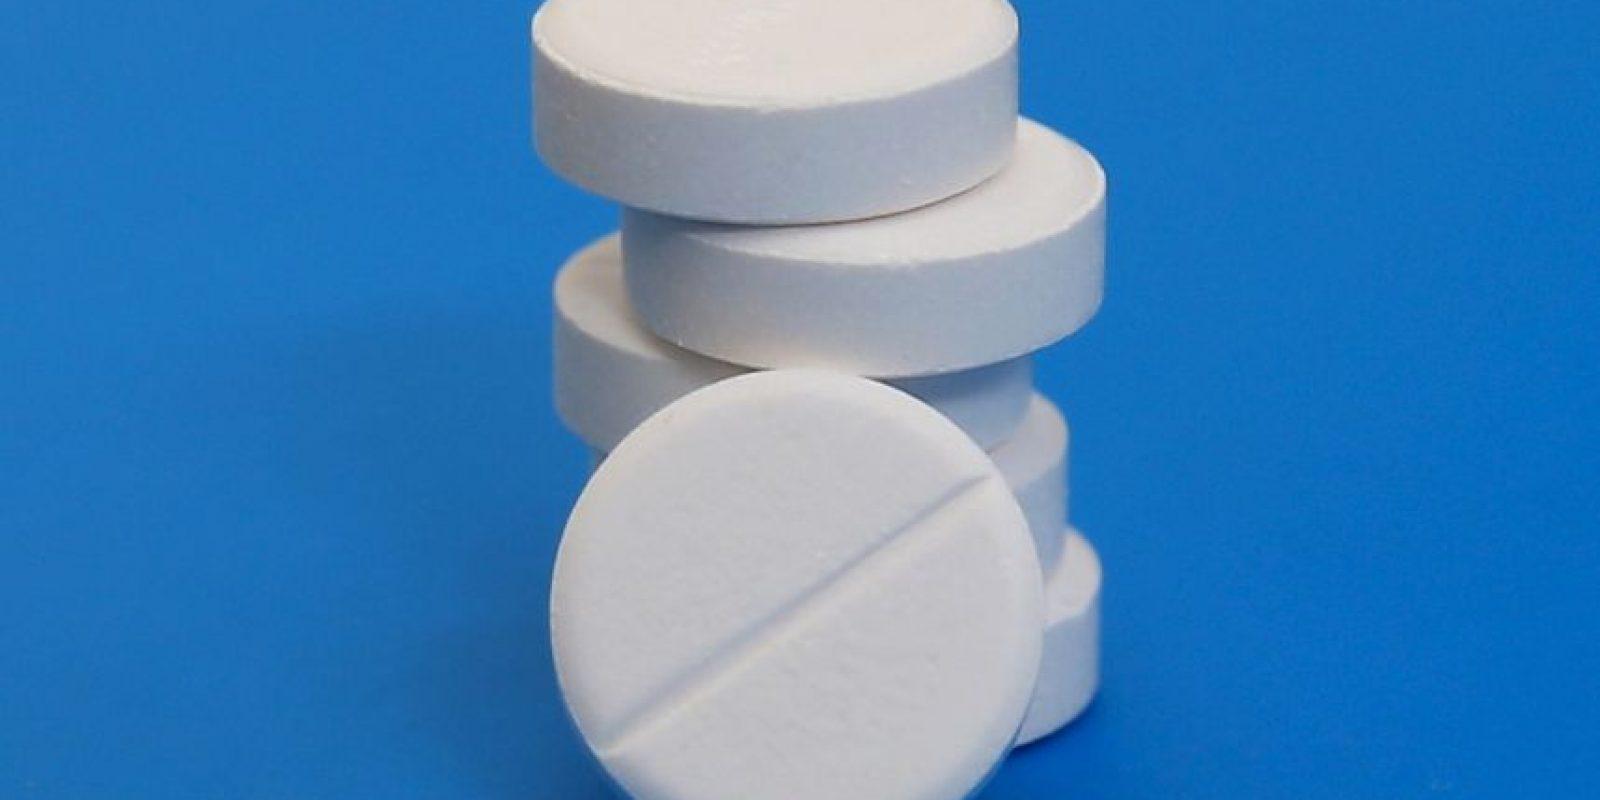 """""""Es una forma artificial de una proteína llamada inhibidor de esterasa C1, que se encuentra naturalmente en la sangre y ayuda a controlar la inflamación en el cuerpo"""", de acuerdo con el portal """"Drugs.com"""". Tiene un costo de 350 mil dólares anuales. Foto:Getty Images"""